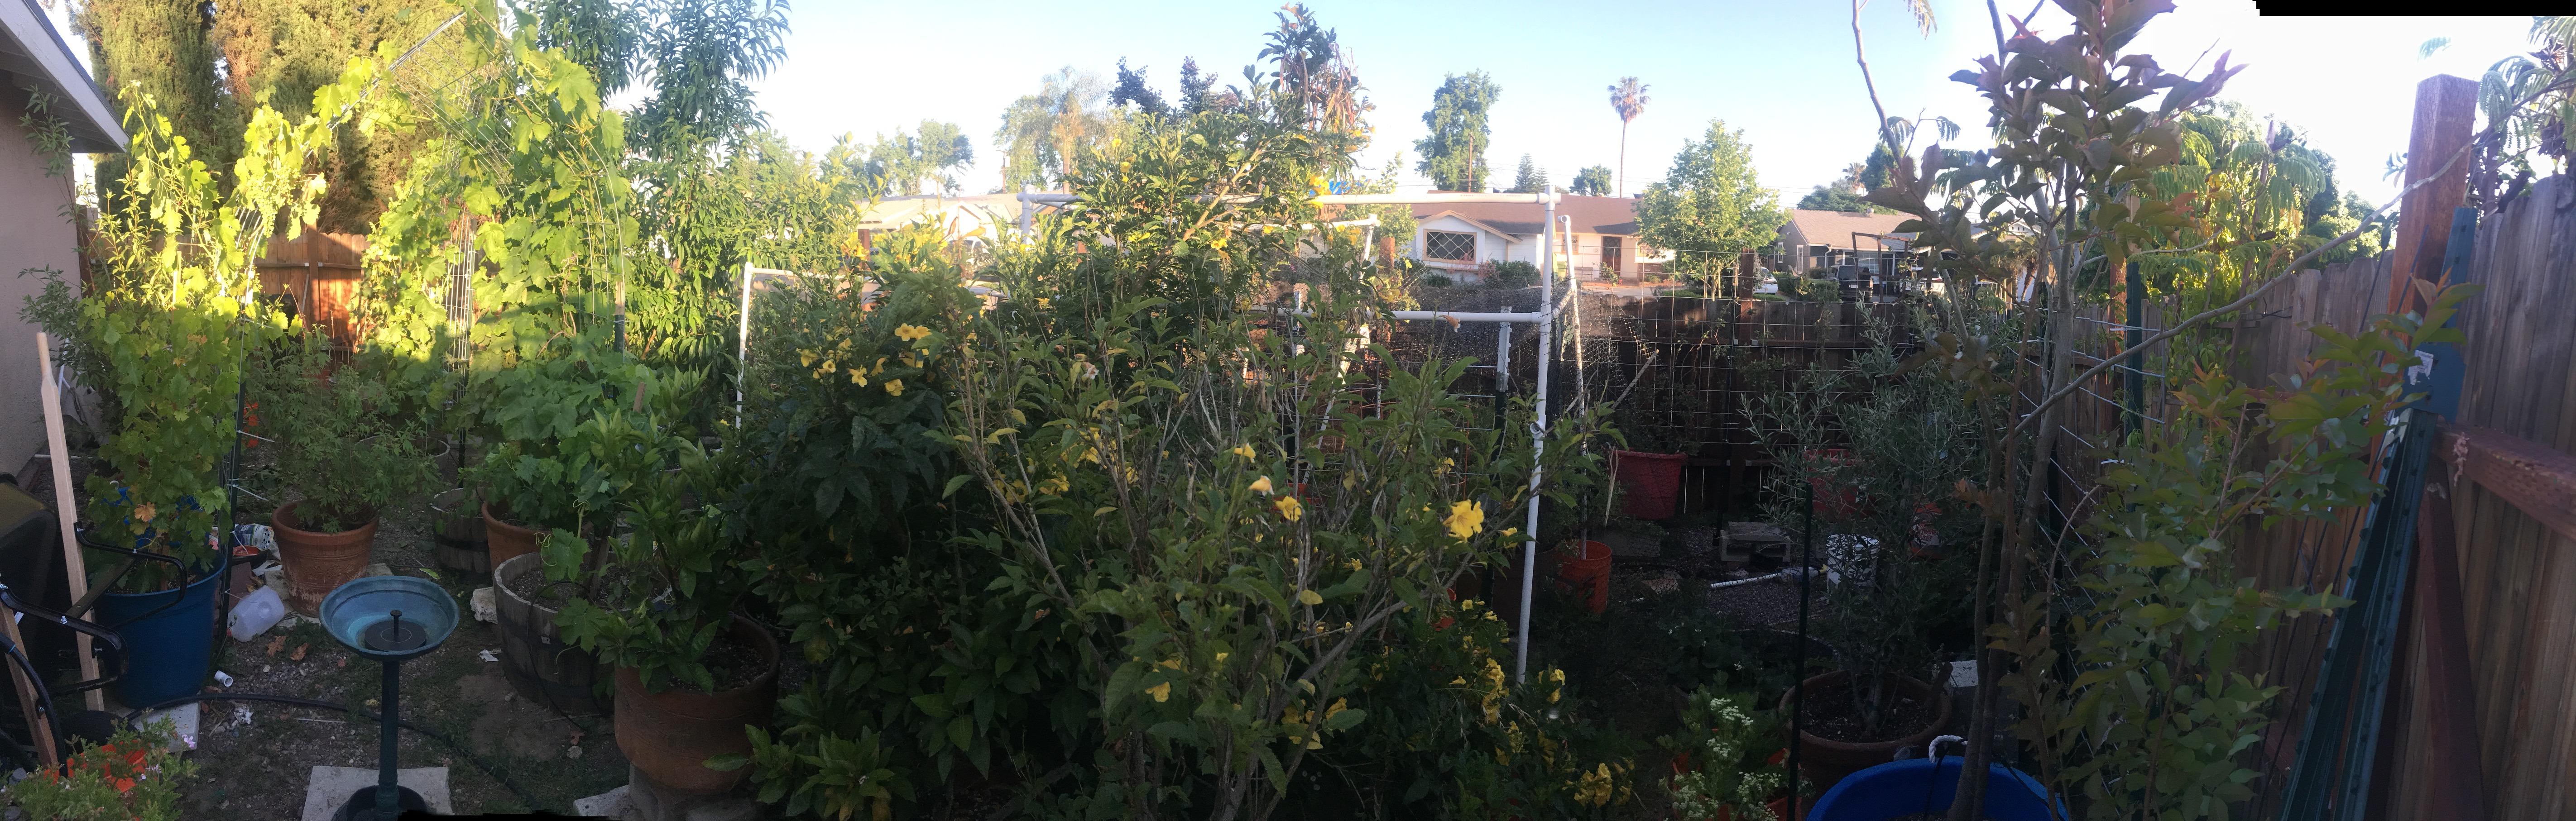 the busymama garden